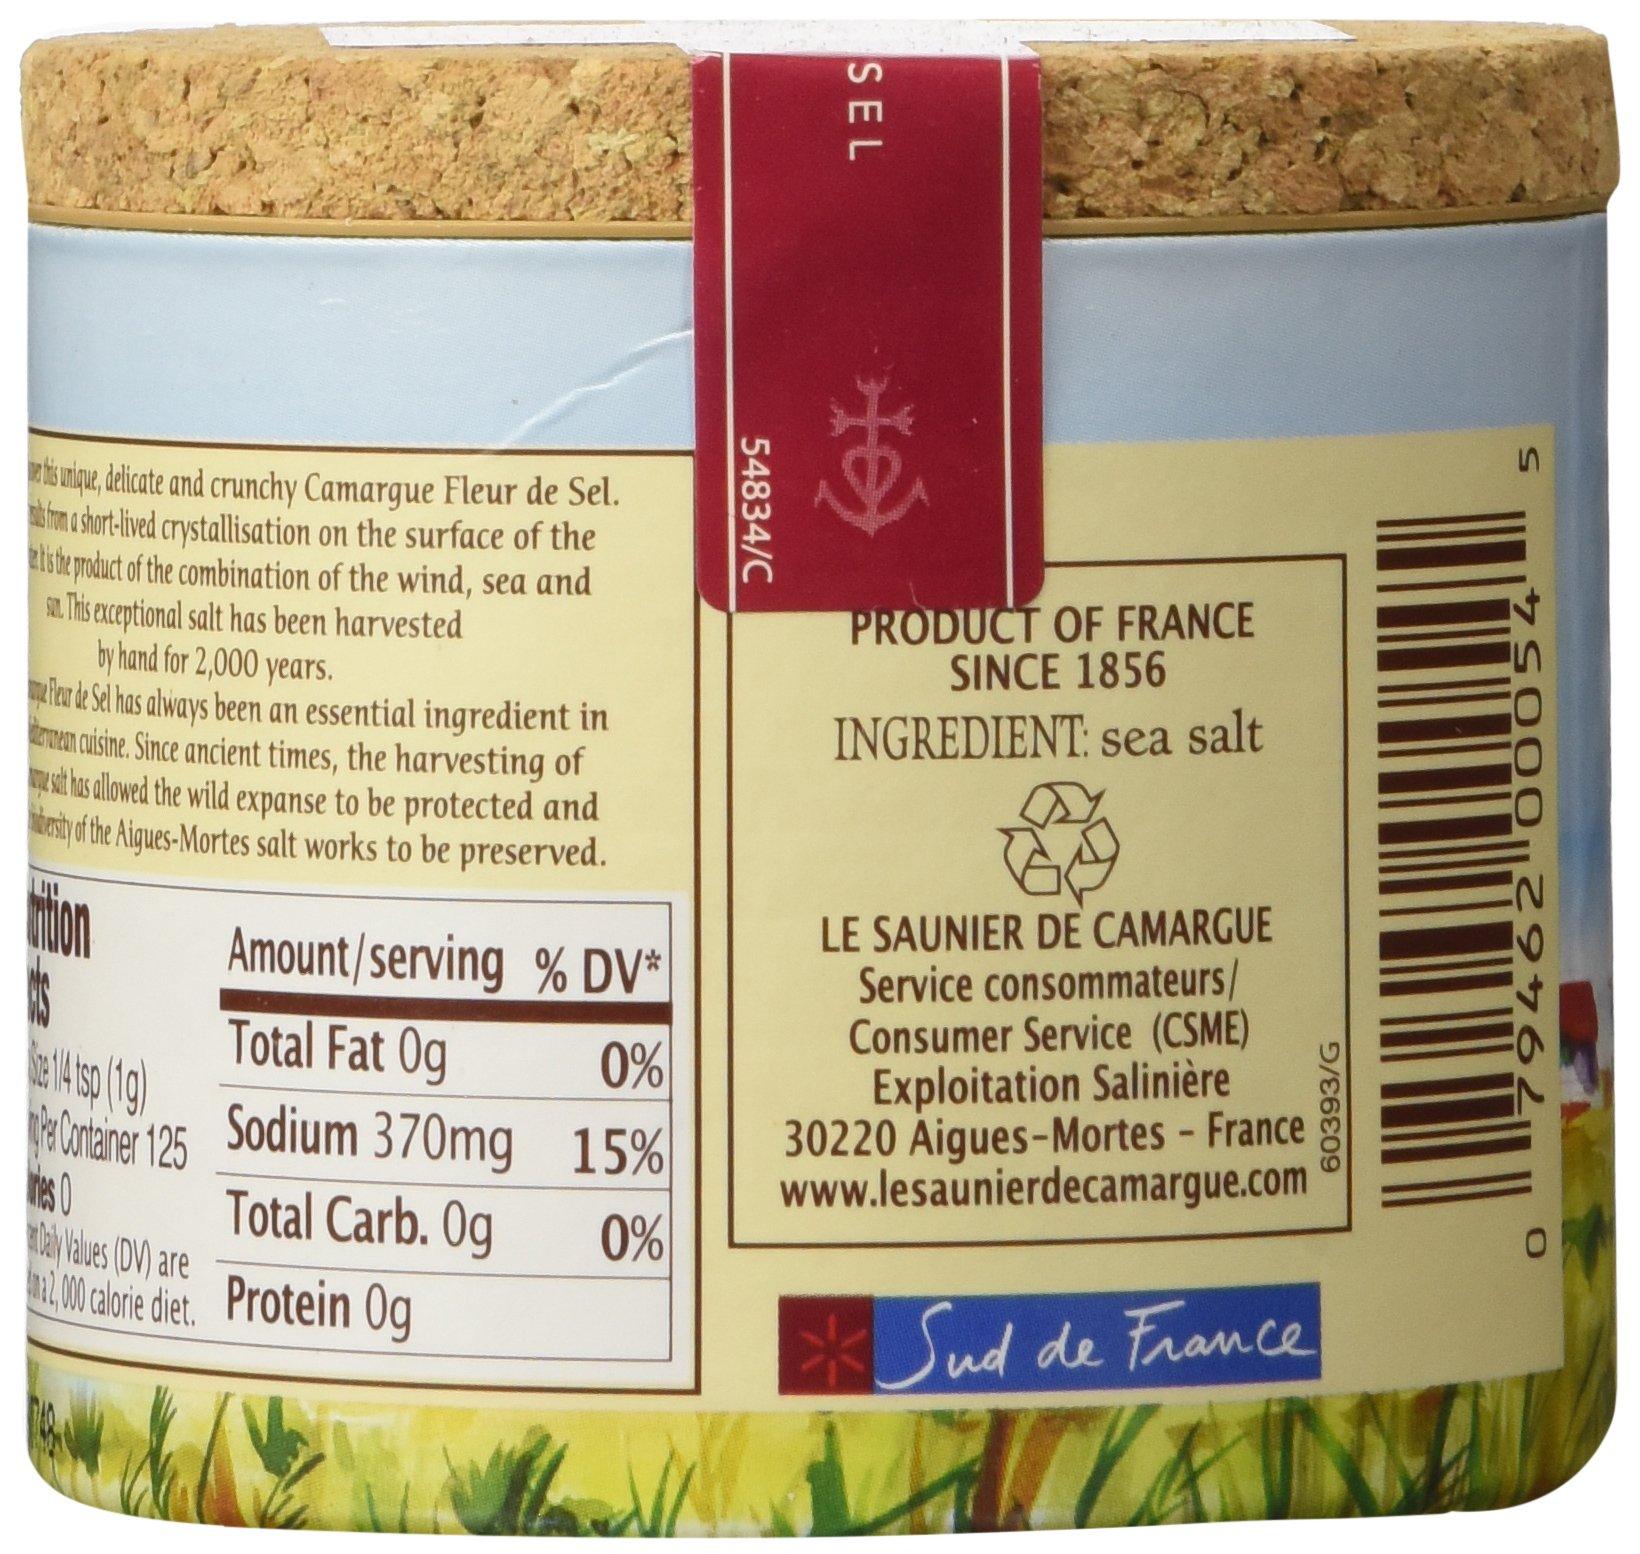 Le Saunier De Camargue Fleur De Sel Sea Salt, 4.4-Ounce Canisters (Pack of 3) by Le Saunier De Camargue (Image #7)